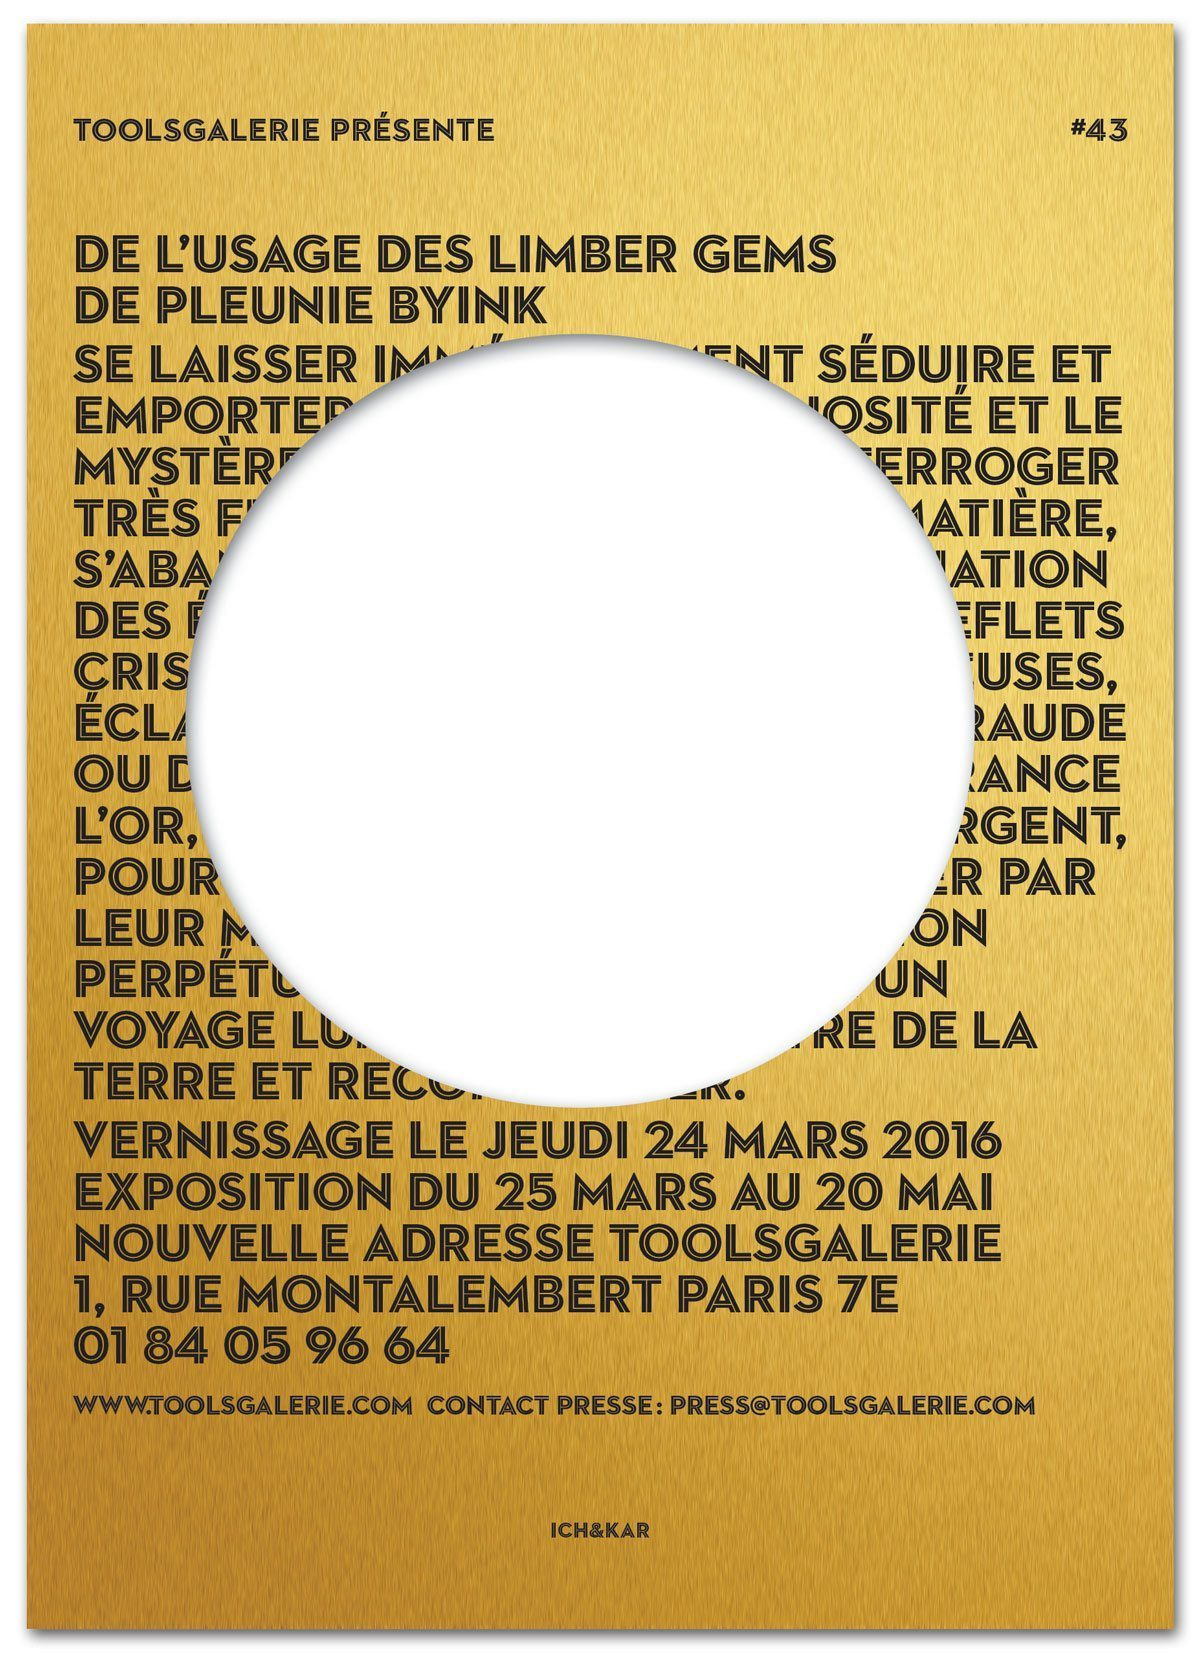 Le carton d'invitation pour l'exposition Limber Gems de Pleunie Byink a la ToolsGalerie, design IchetKar